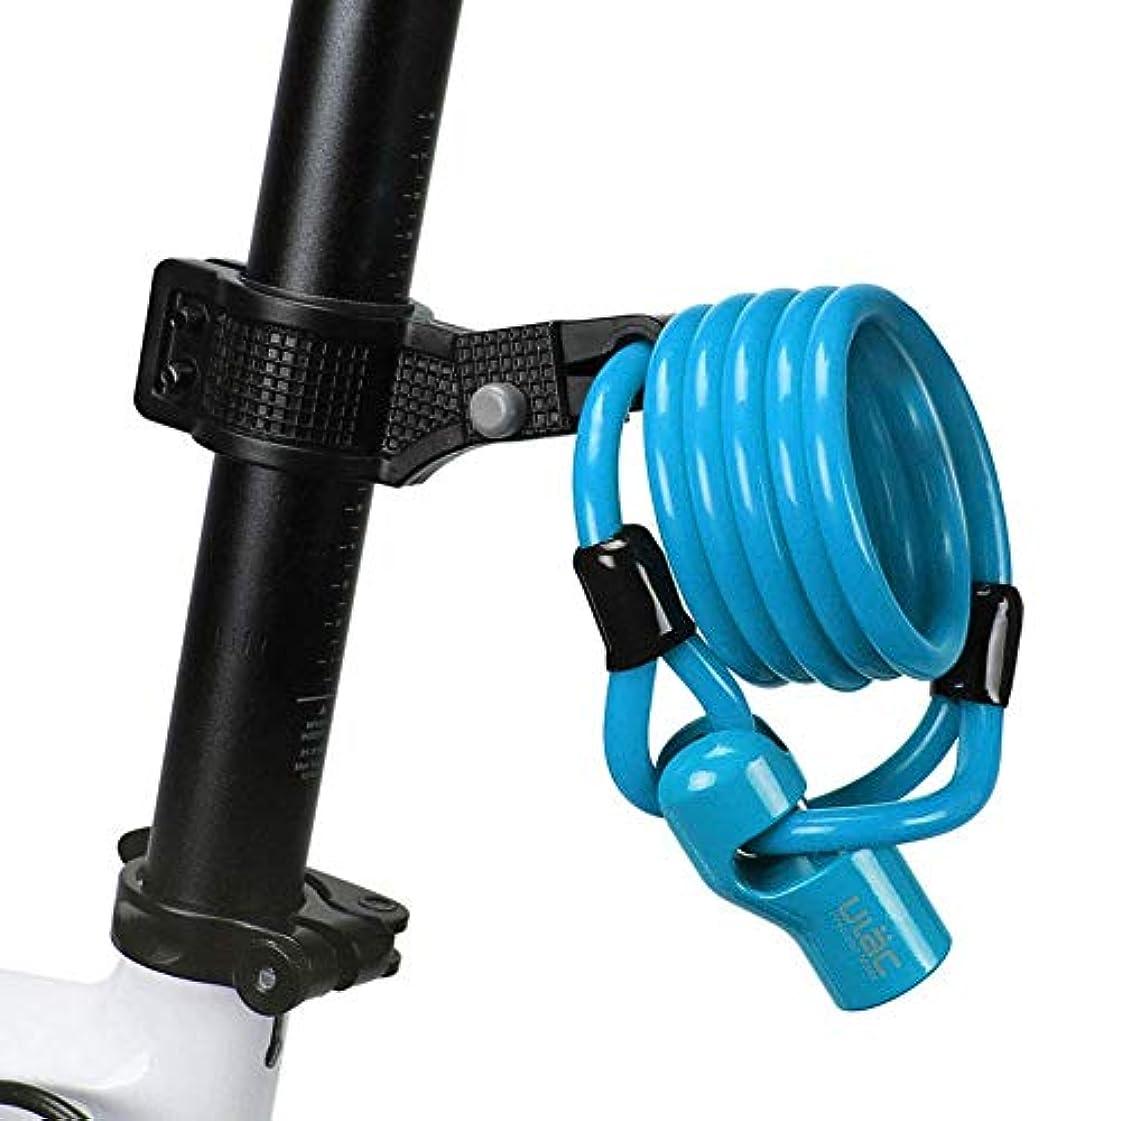 数学的なリズム在庫自転車ロック - 盗難防止Uロック - 電気ロック - マウンテンバイクロック - 盗難防止ロングスチール亜鉛合金PVCロック